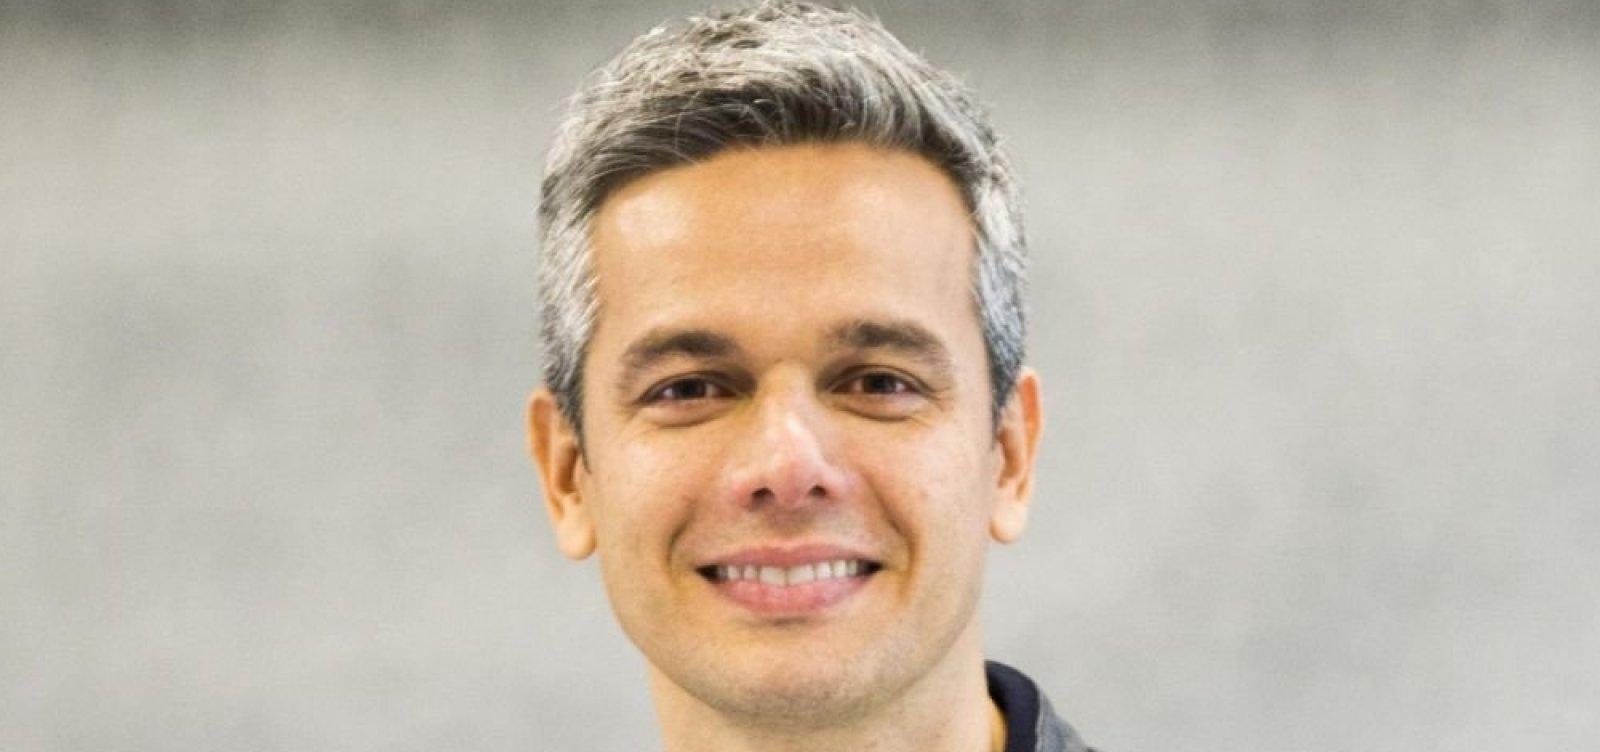 [Otaviano Costa não renova contrato com a Globo após 10 anos na emissora]